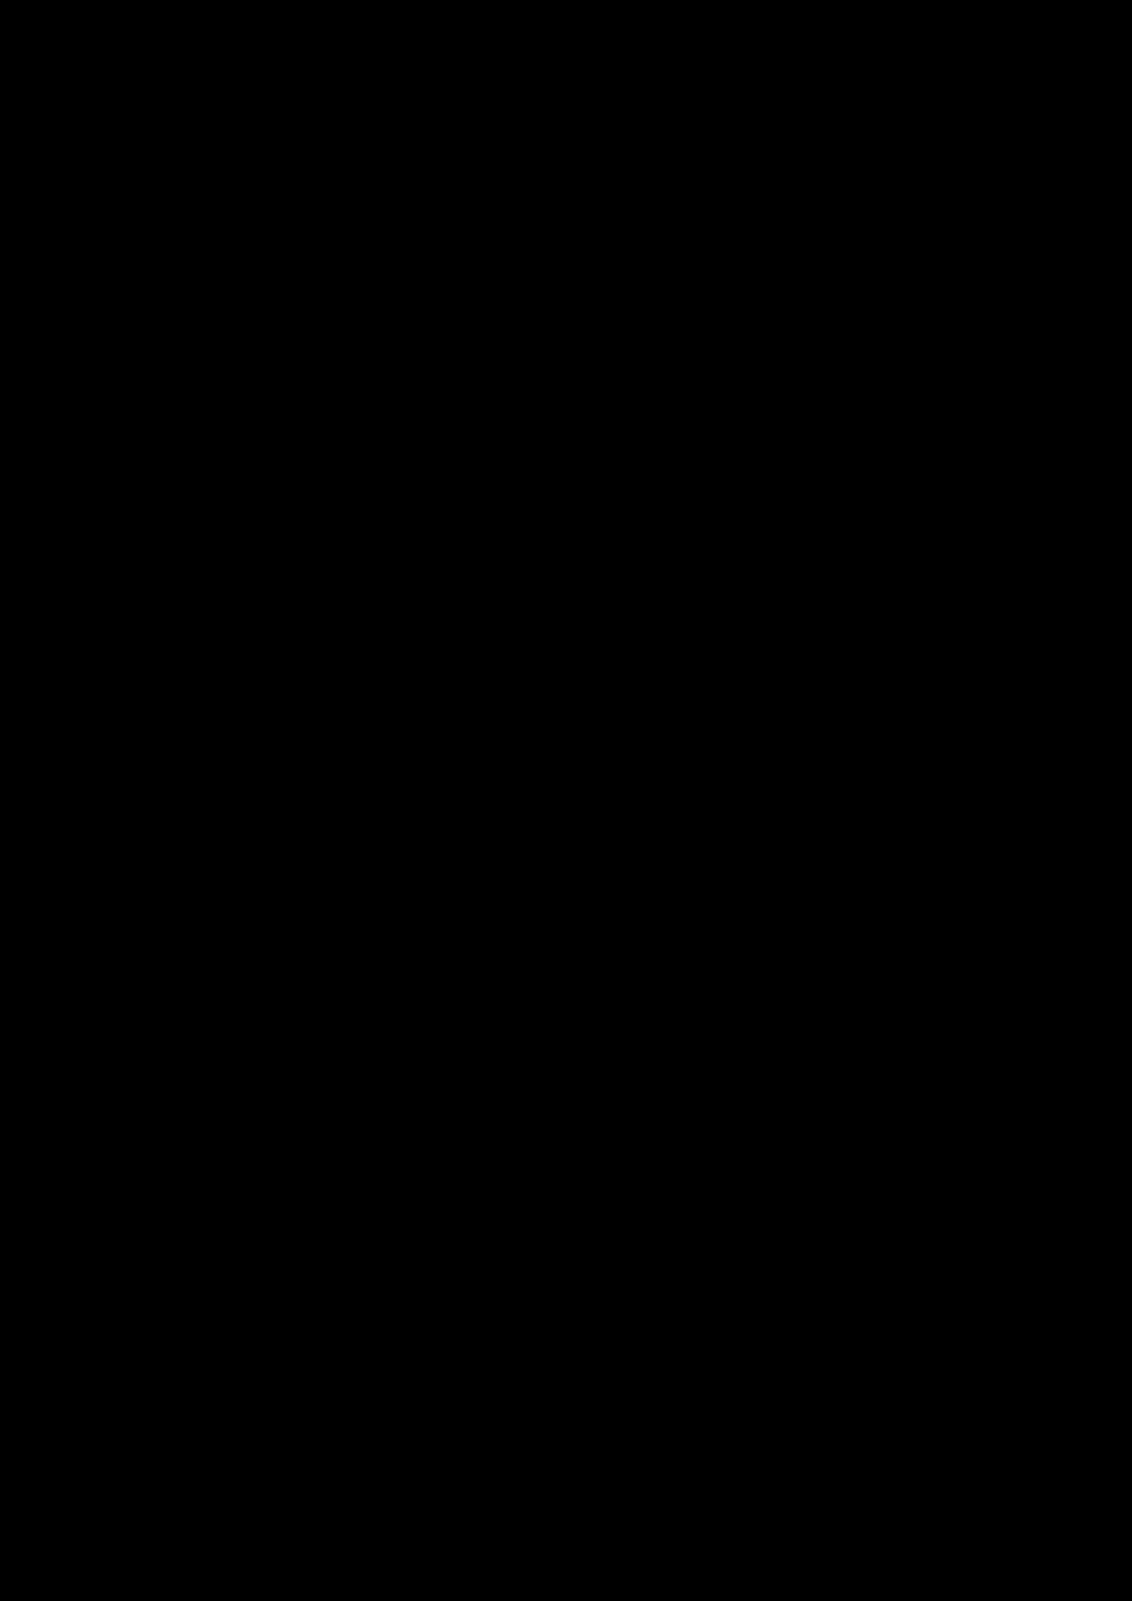 Hools slide, Image 28